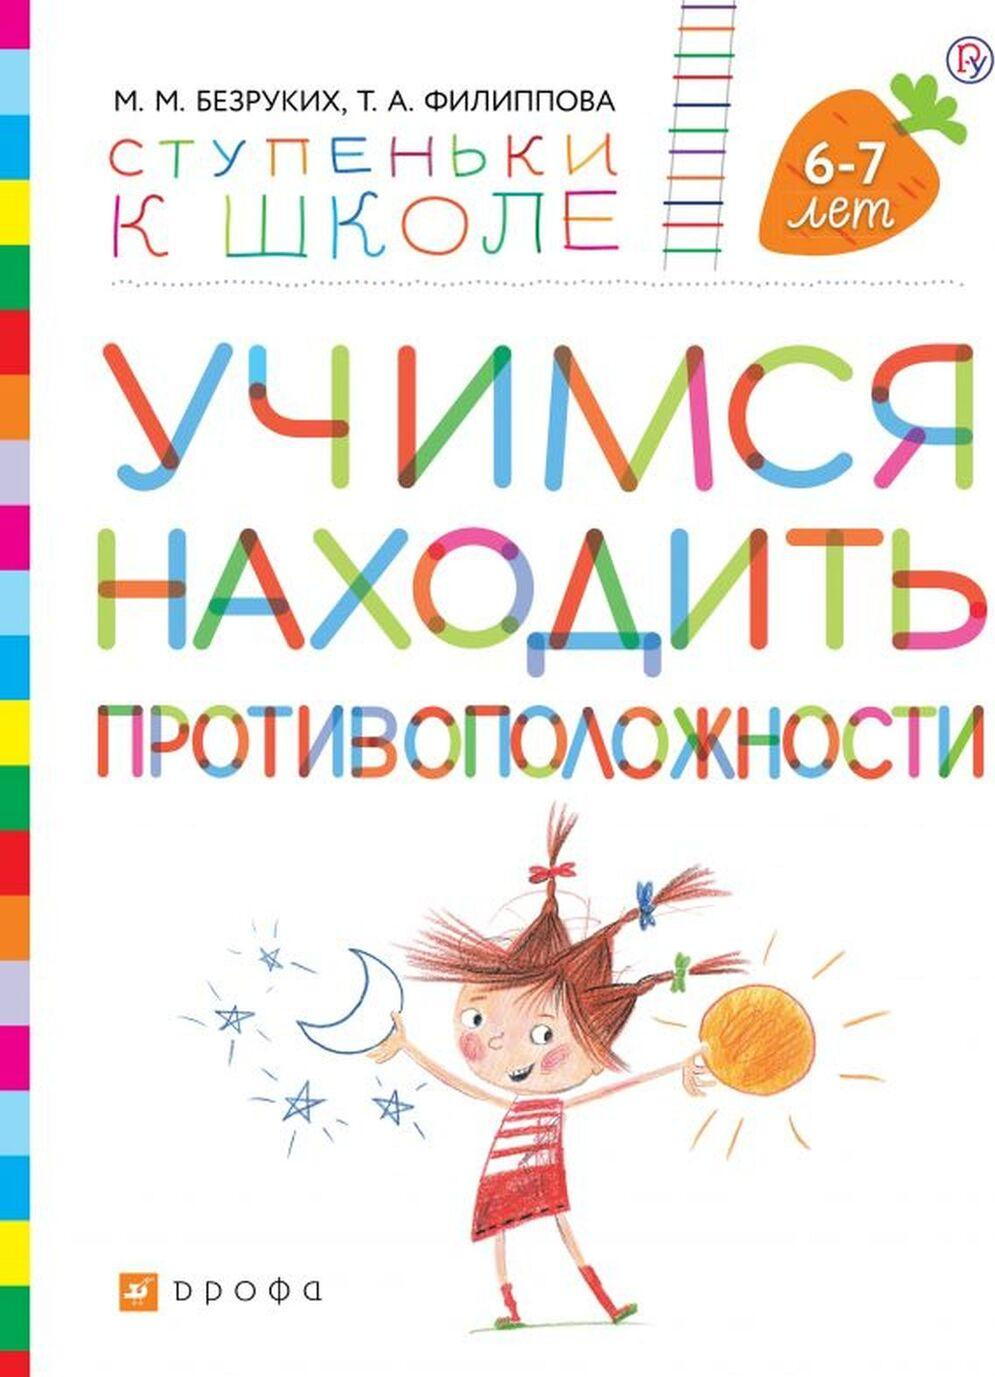 Uchimsja nakhodit protivopolozhnosti. Posobie dlja detej 6-7 let | Bezrukikh Marjana Mikhajlovna, Filippova Tatjana Andreevna